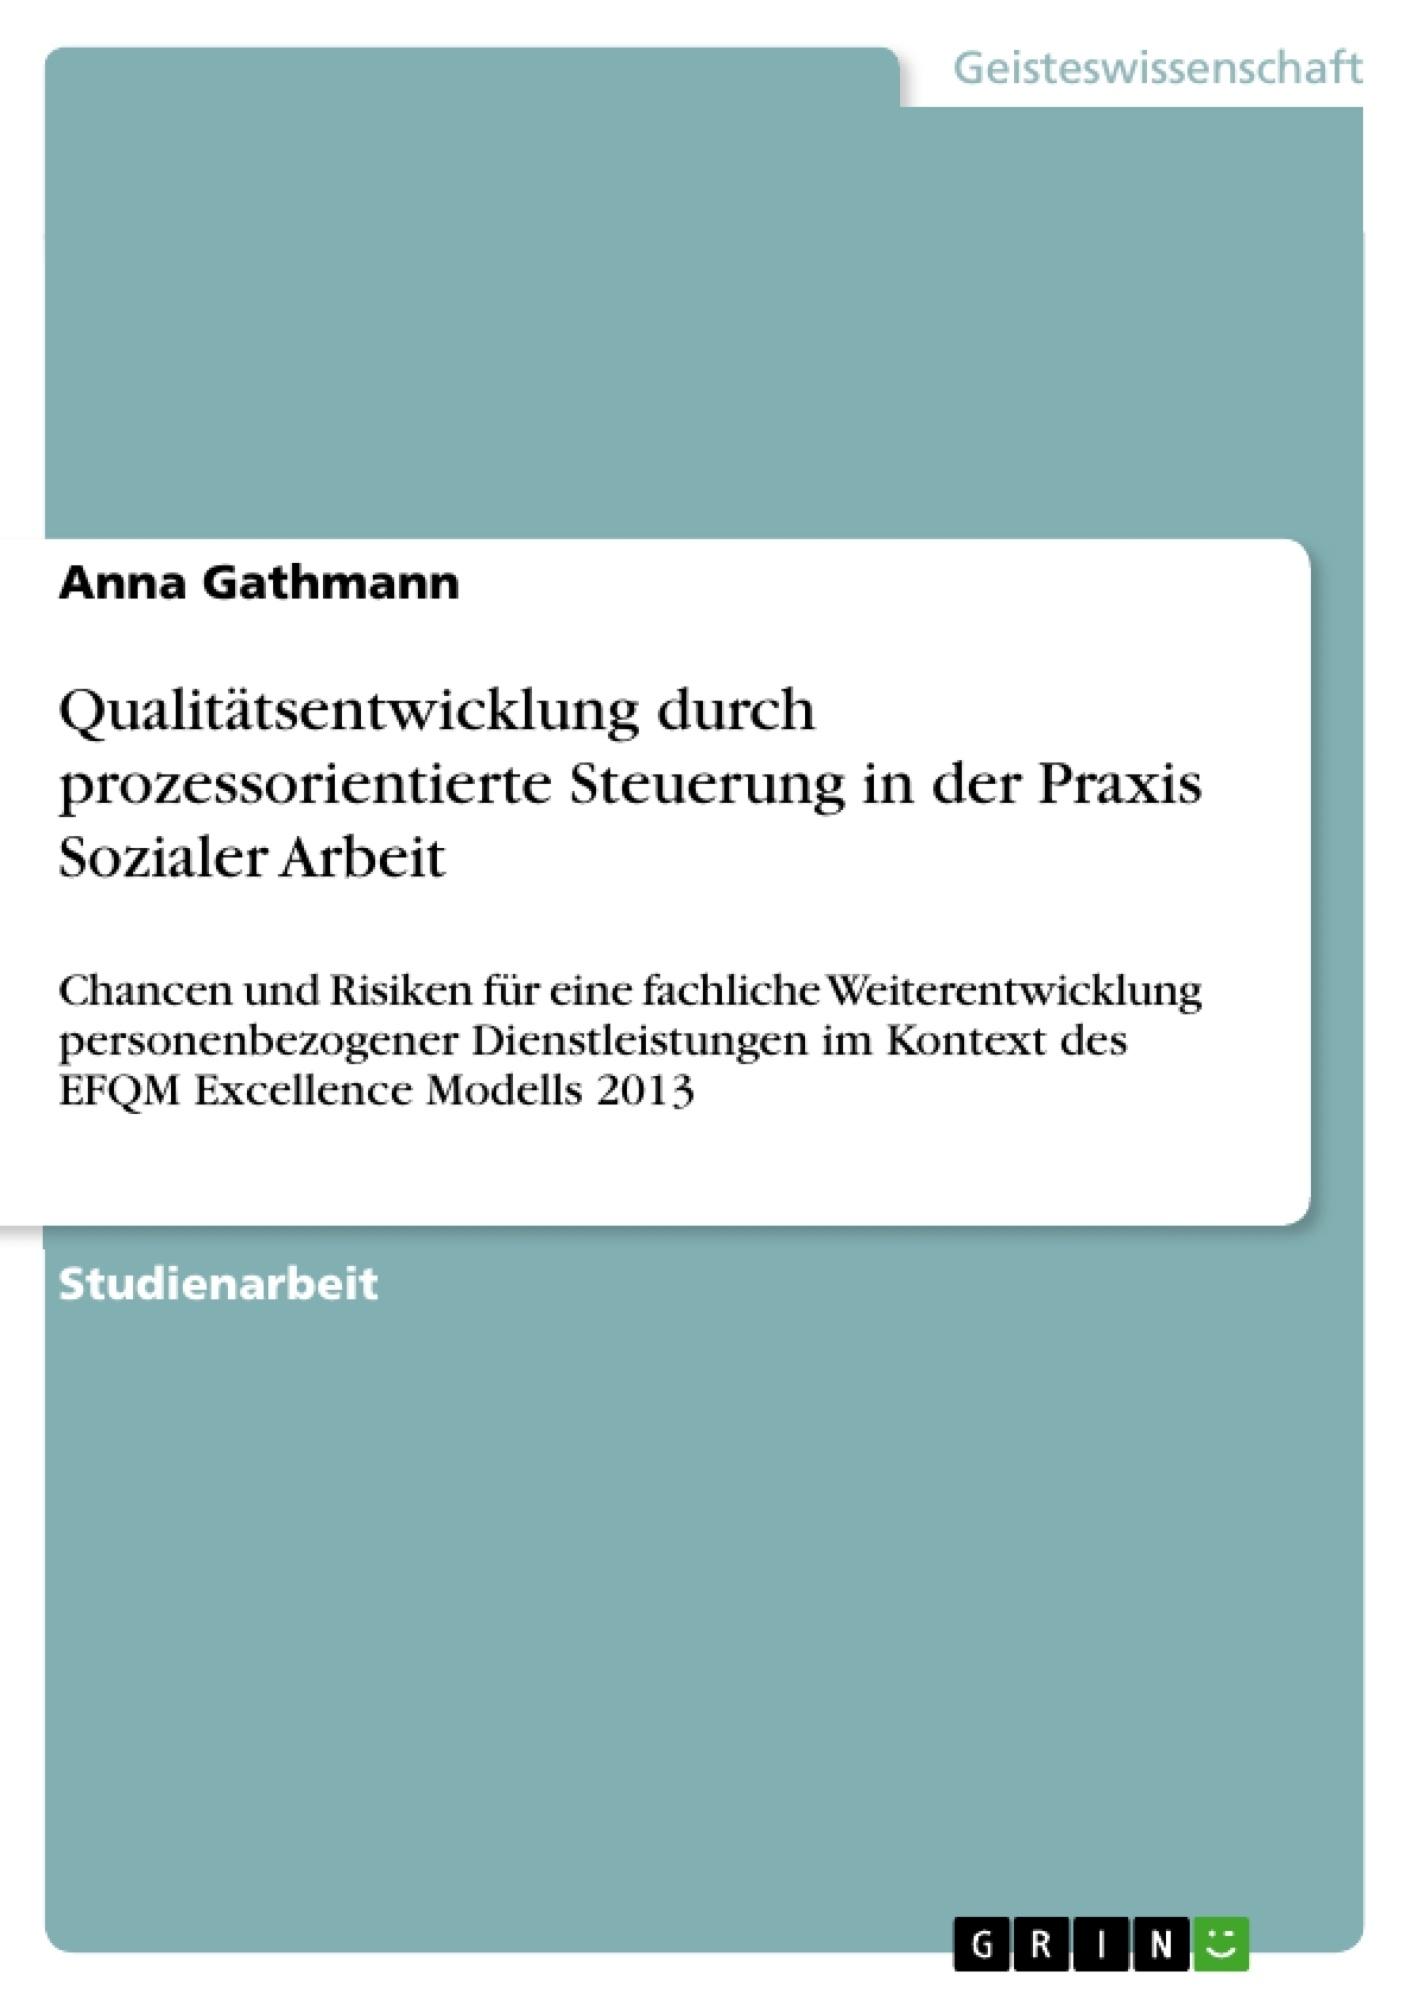 Titel: Qualitätsentwicklung durch prozessorientierte Steuerung in der Praxis Sozialer Arbeit